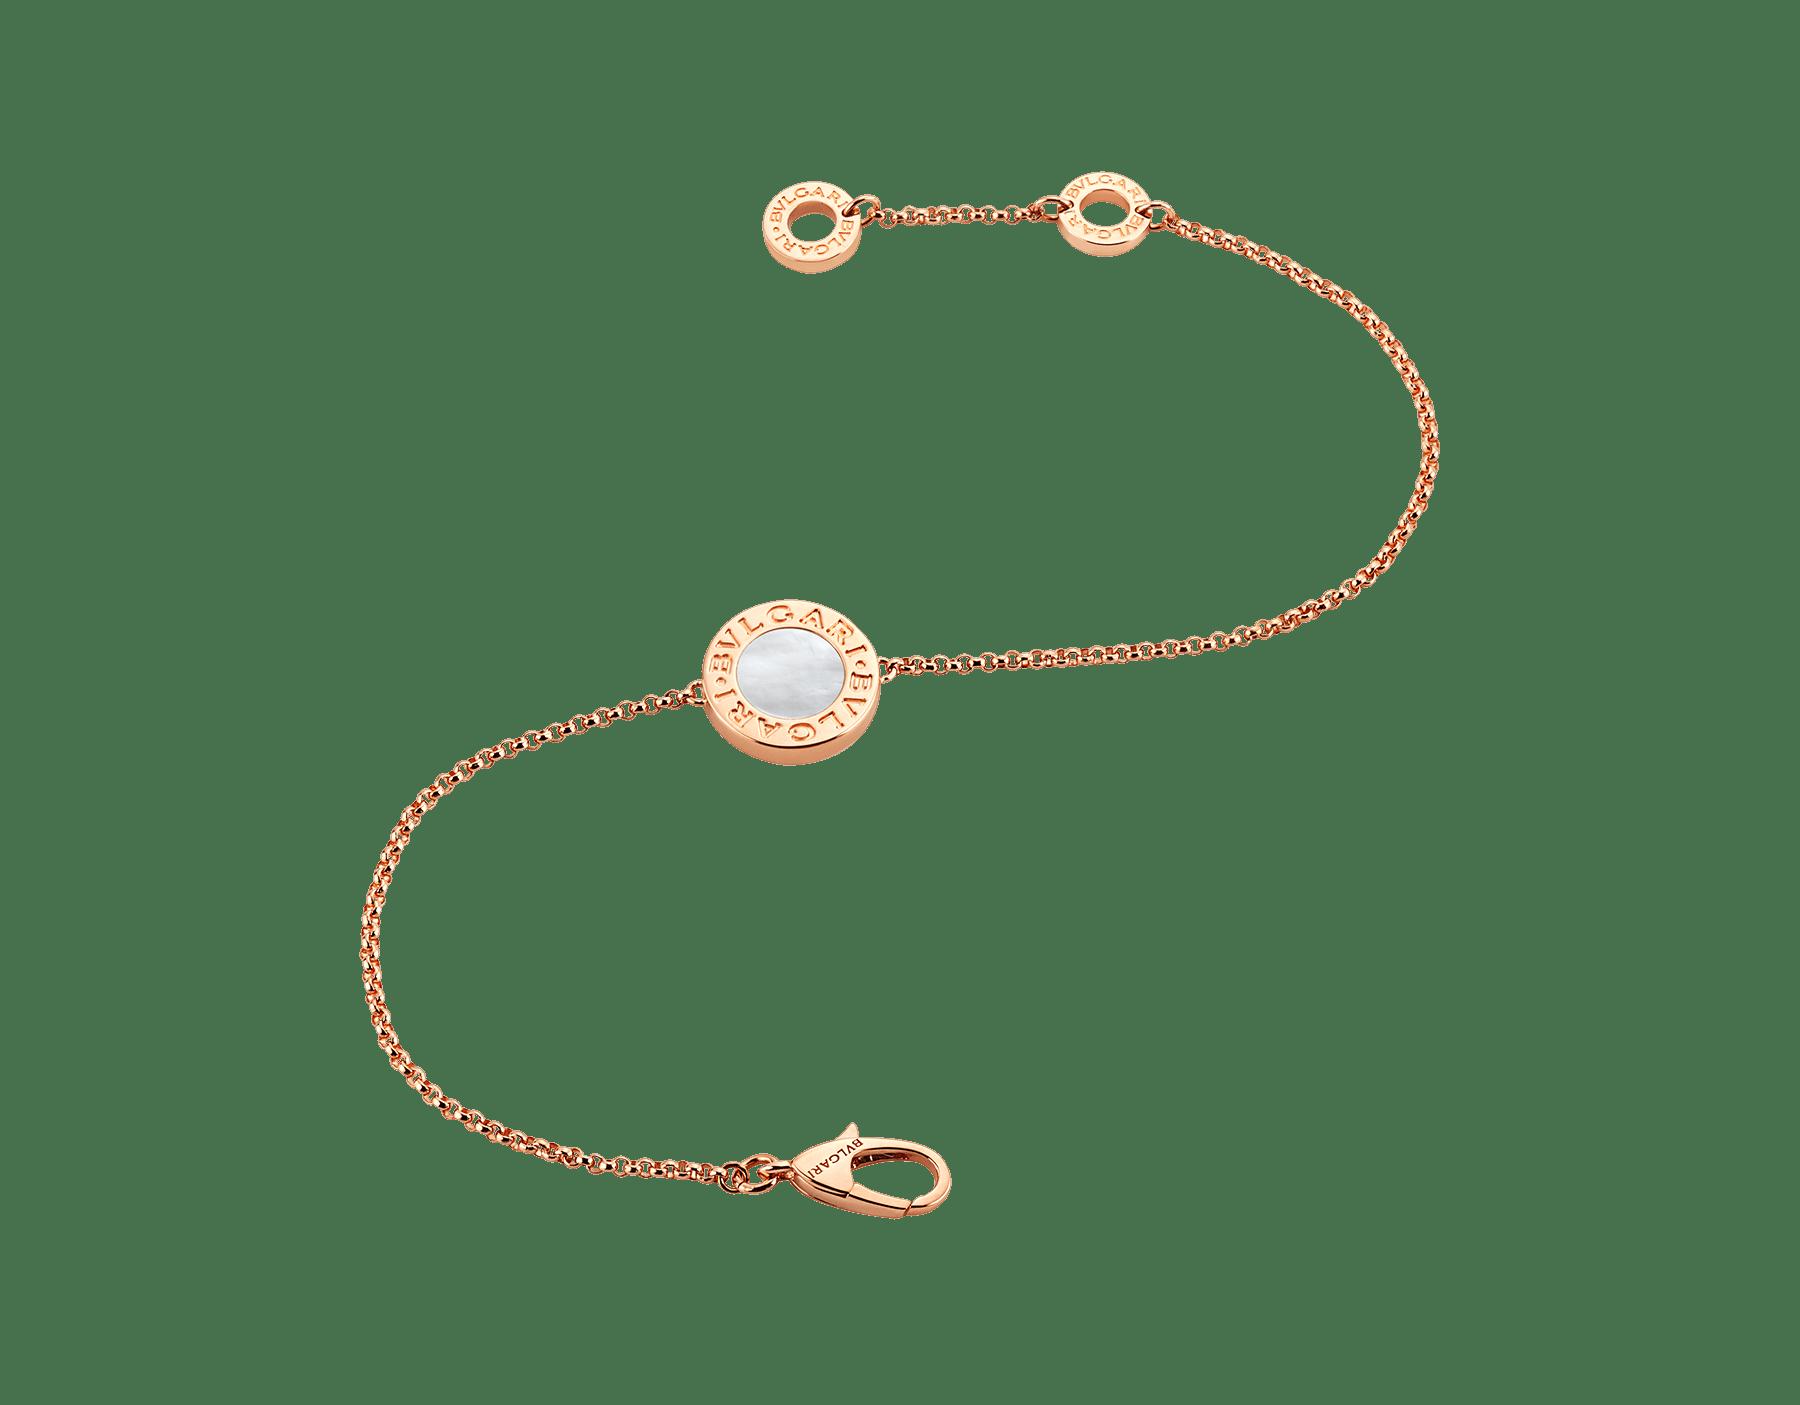 Pulseira BVLGARIBVLGARI em ouro rosa 18K cravejada com madrepérola BR857192 image 2